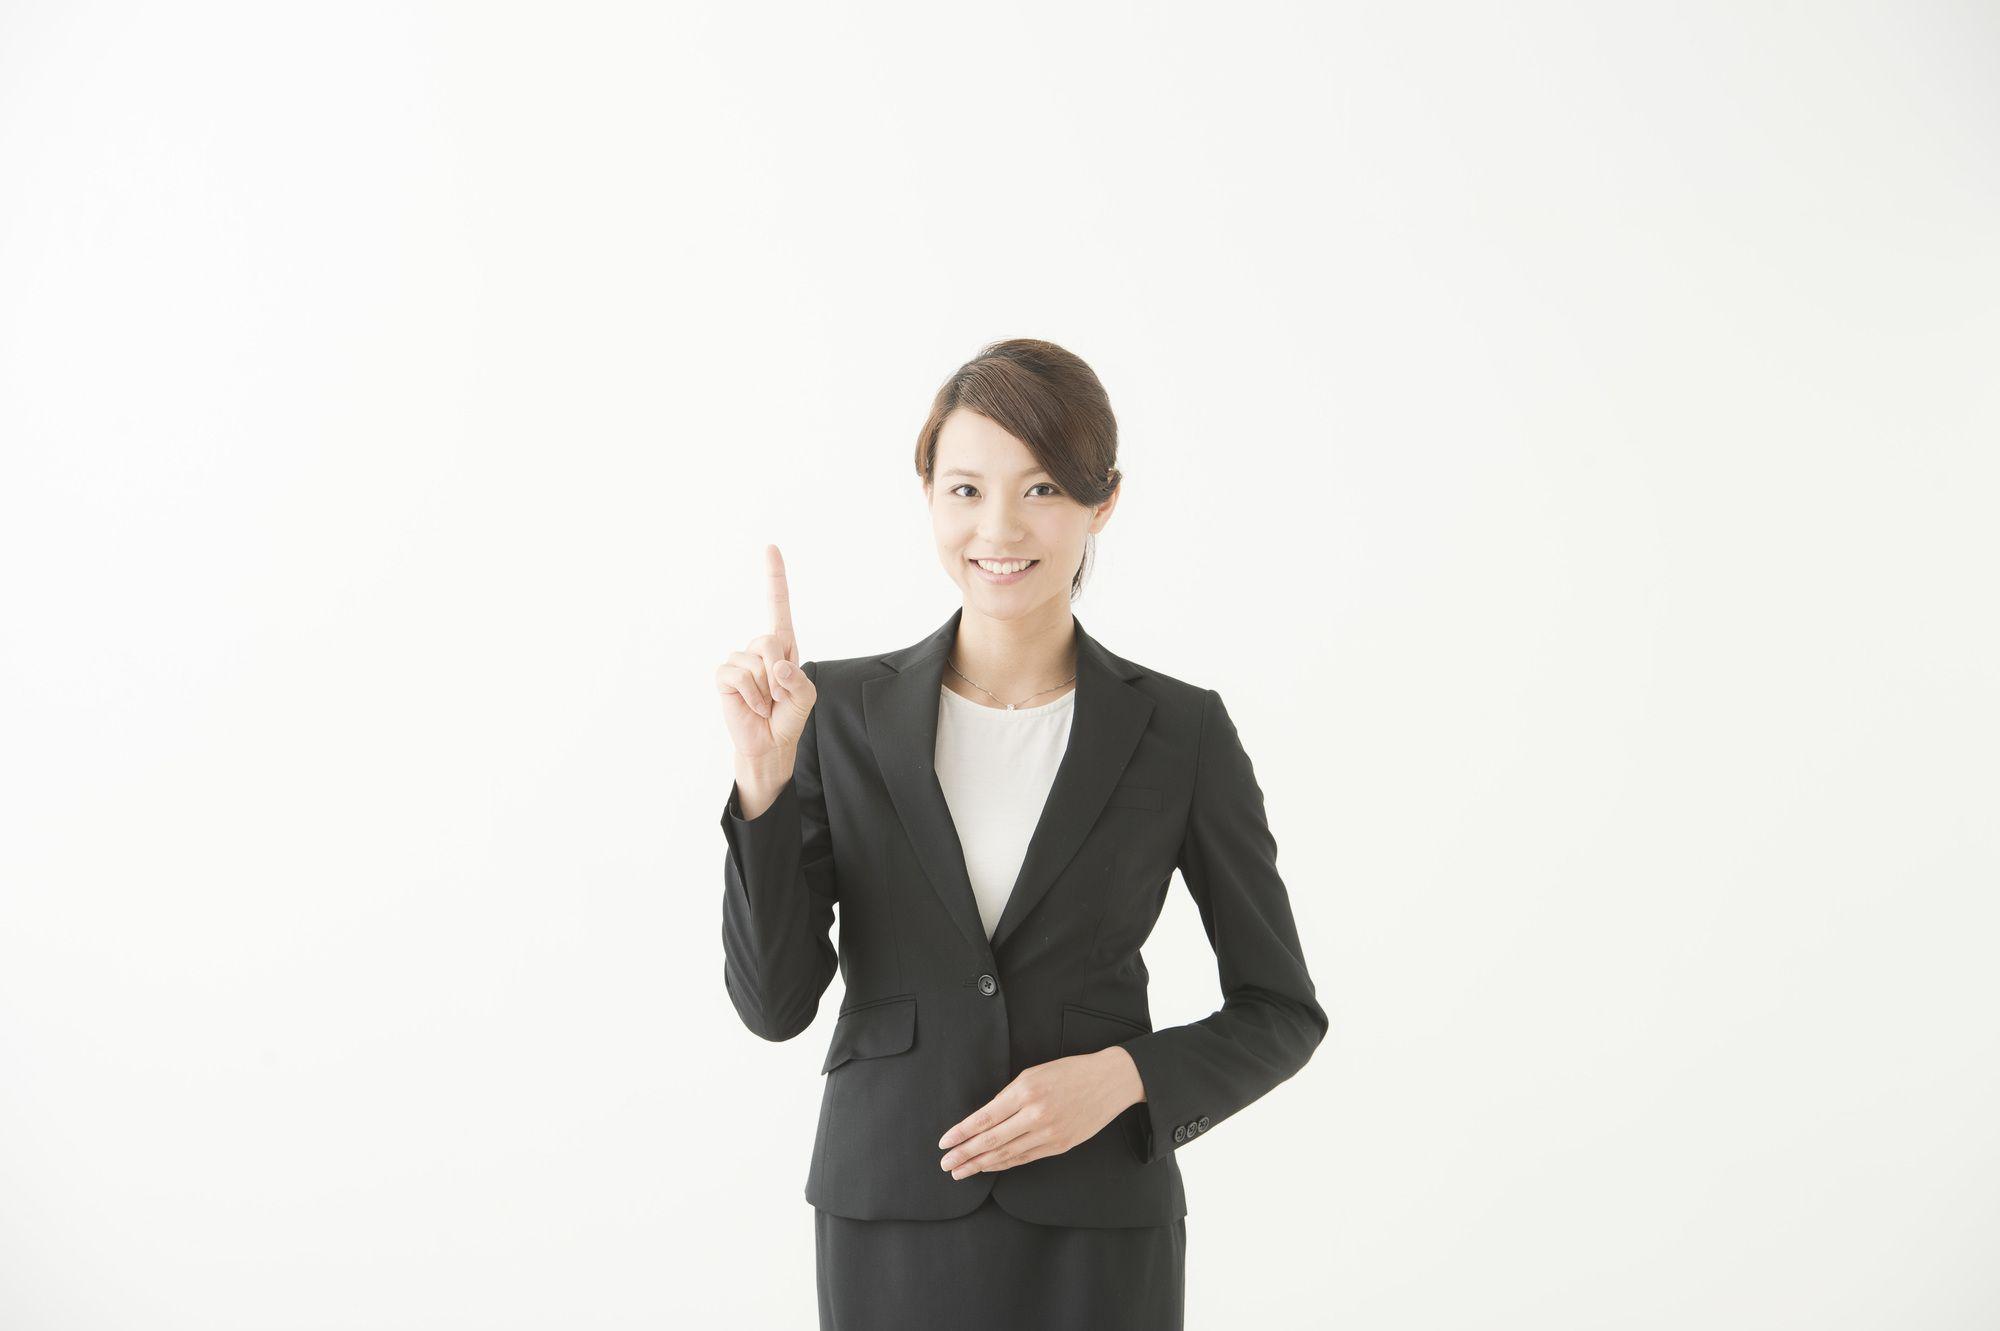 リスト販売業者へのリストの注文はどのくらい細かくできるの?